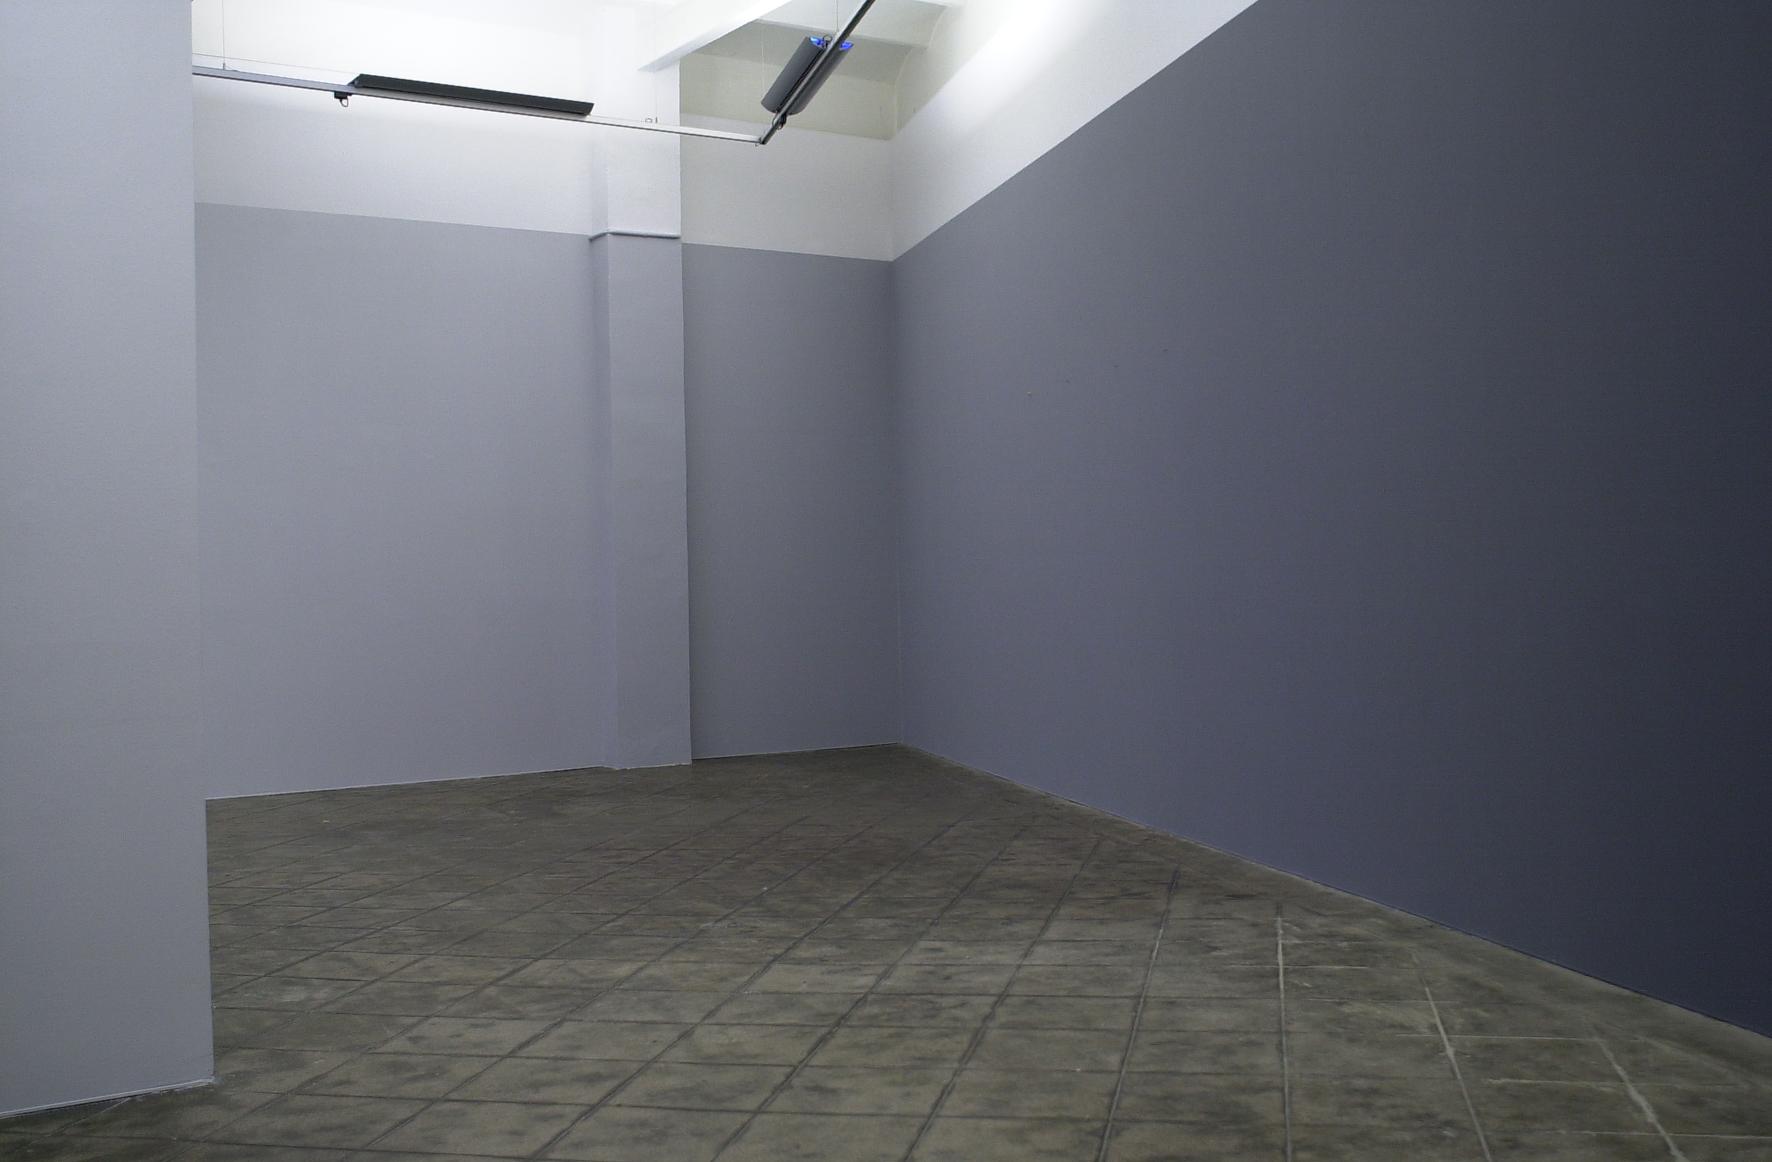 Installation view: Pieter Vermeersch.ProjecteSD, 2010 |  | ProjecteSD